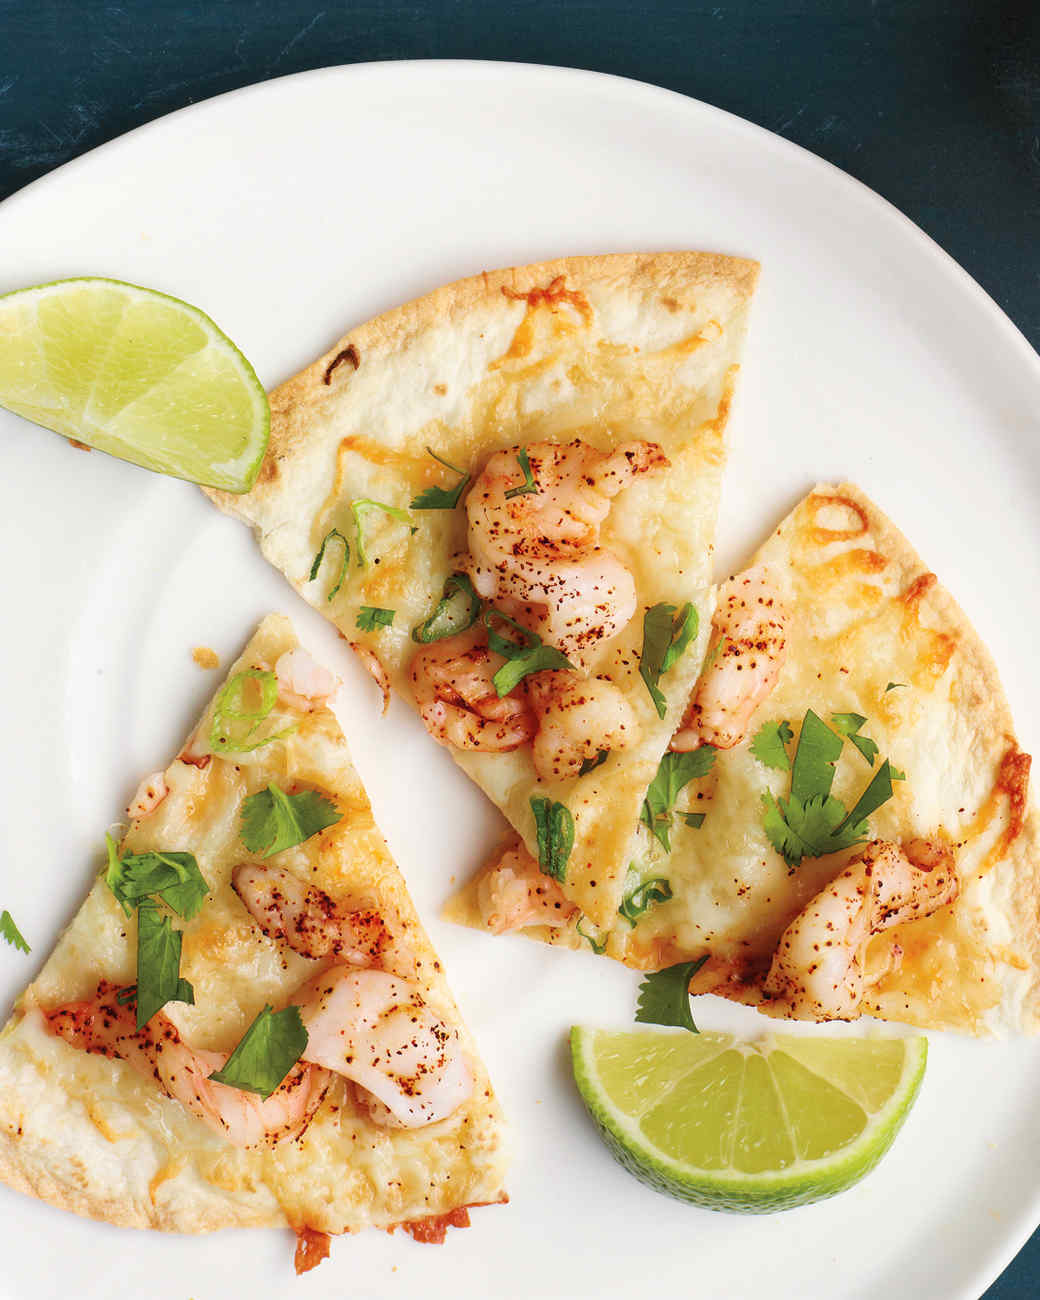 shrimp-quesadilla-0911med107344_vert.jpg?itok=90g8m41P